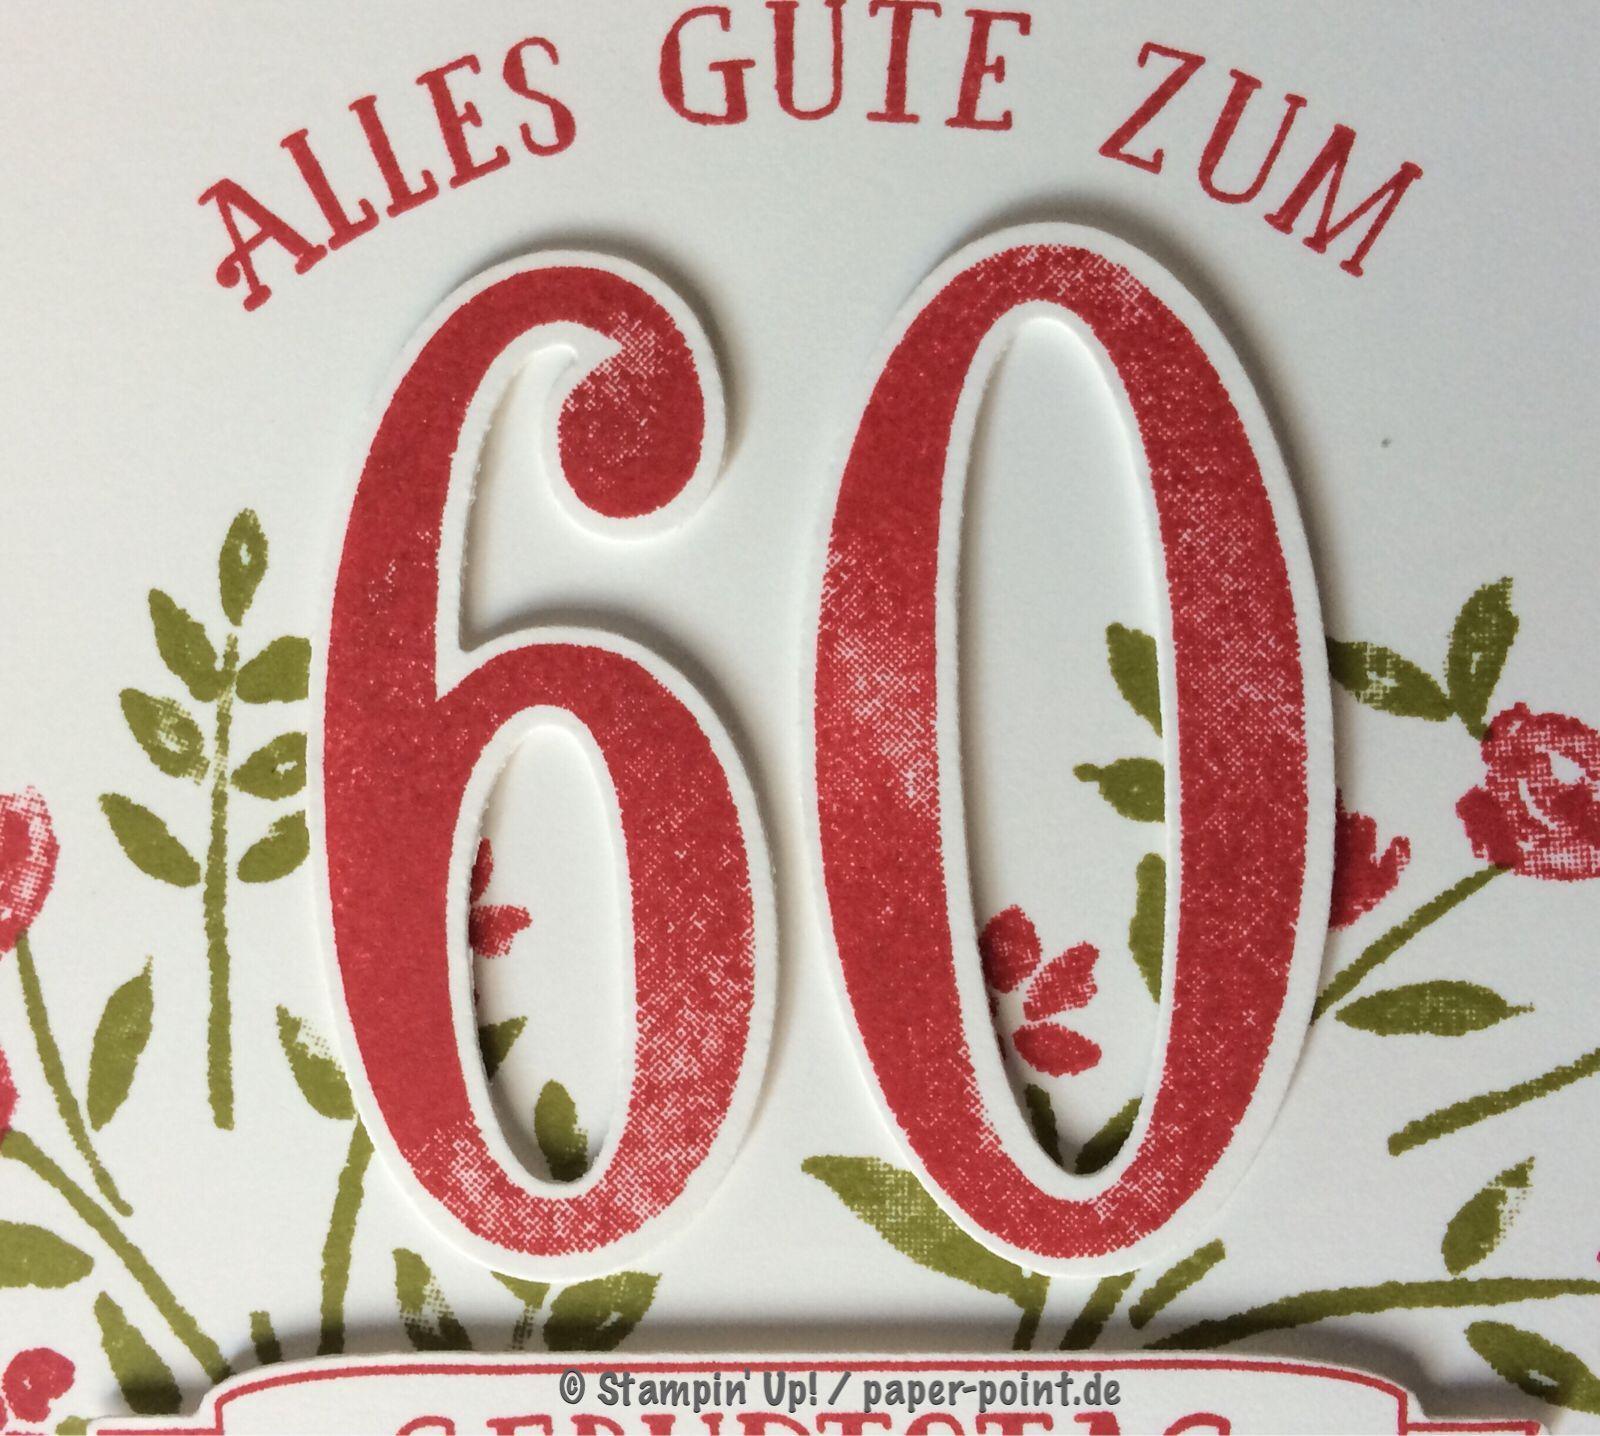 Einladung Zum 60 Geburtstag Frau: Lustige Bilder Zum 60. Geburtstag Einer Frau